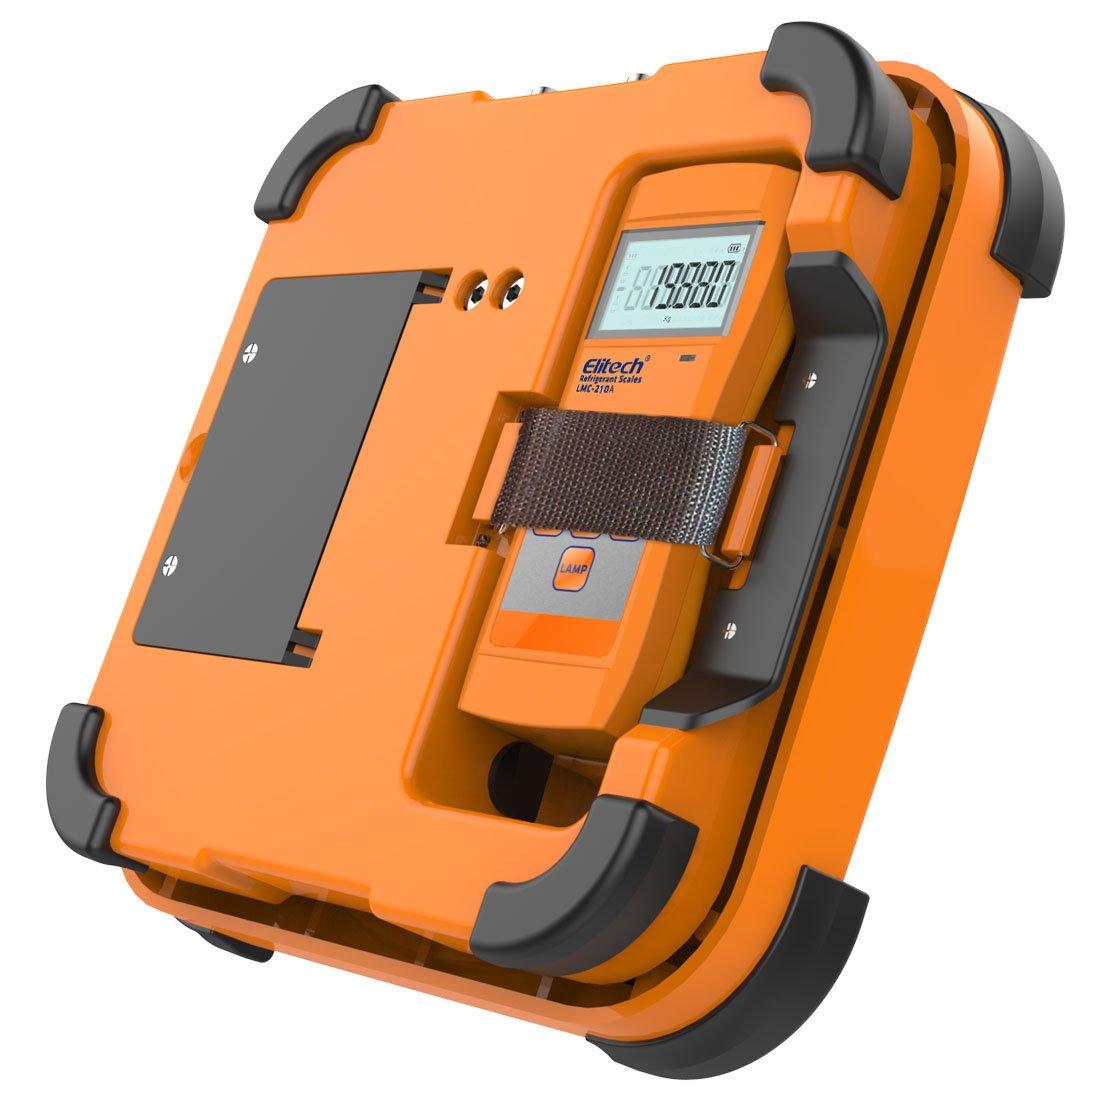 Amazon.com: Elitech LMC-210A - Báscula digital inalámbrica ...